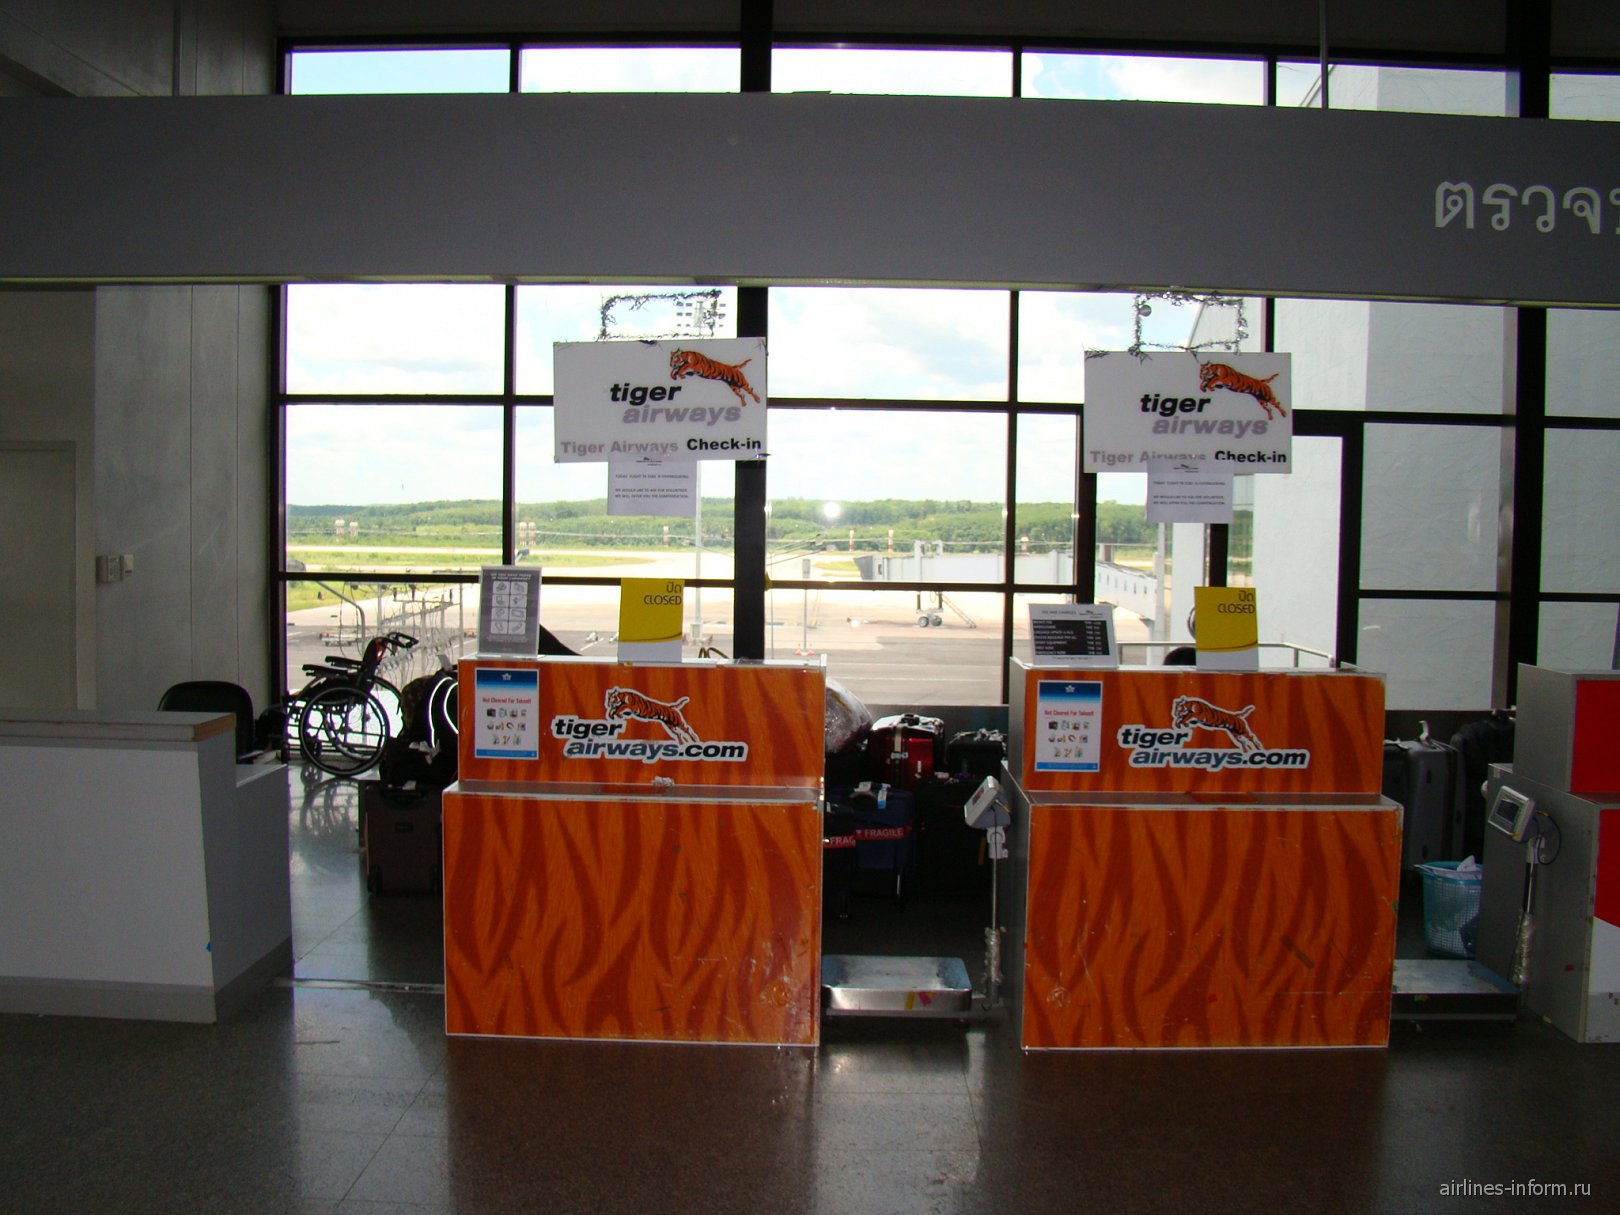 Стойки регистрации авиакомпании Tiger Airways в аэропорту Краби